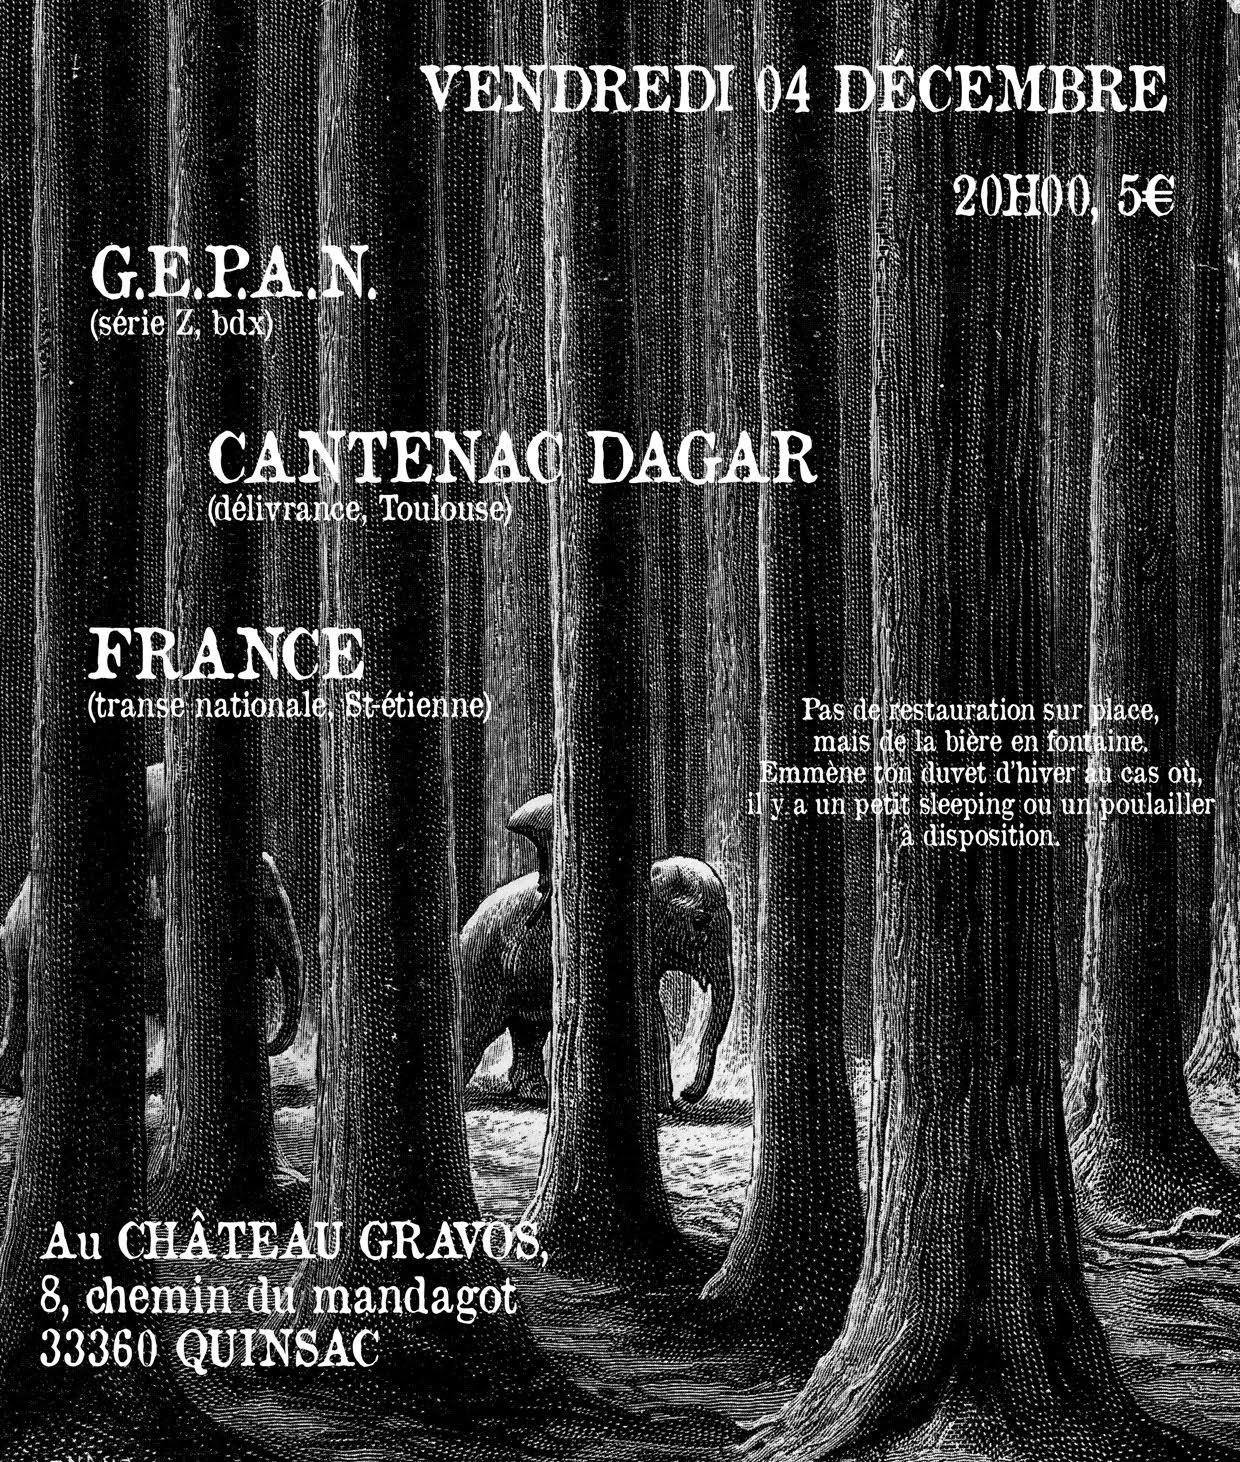 cantenac_dagar_gravos